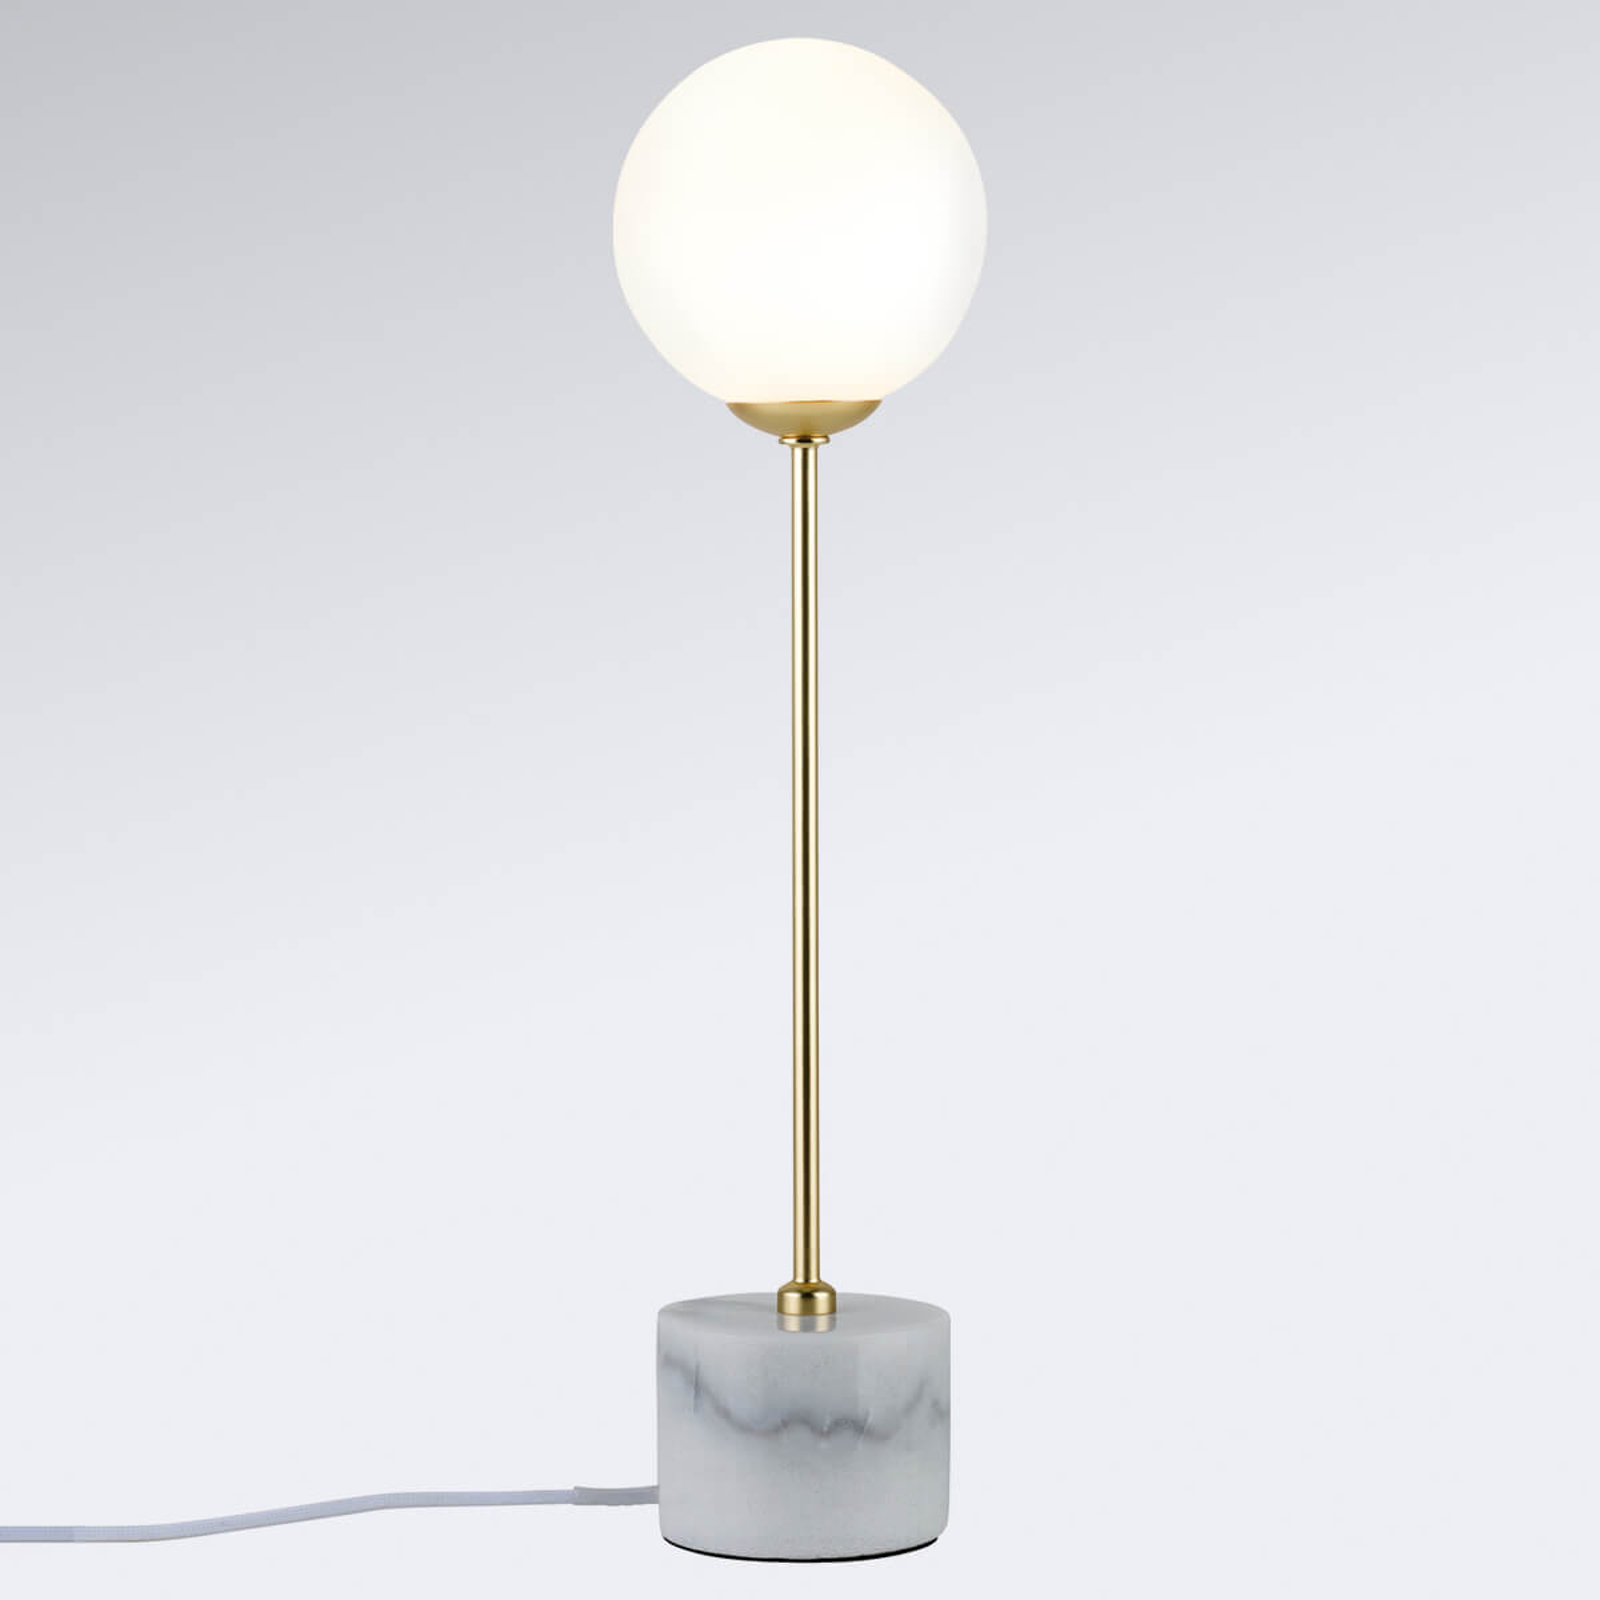 Lampe à poser épurée Moa avec socle en marbre